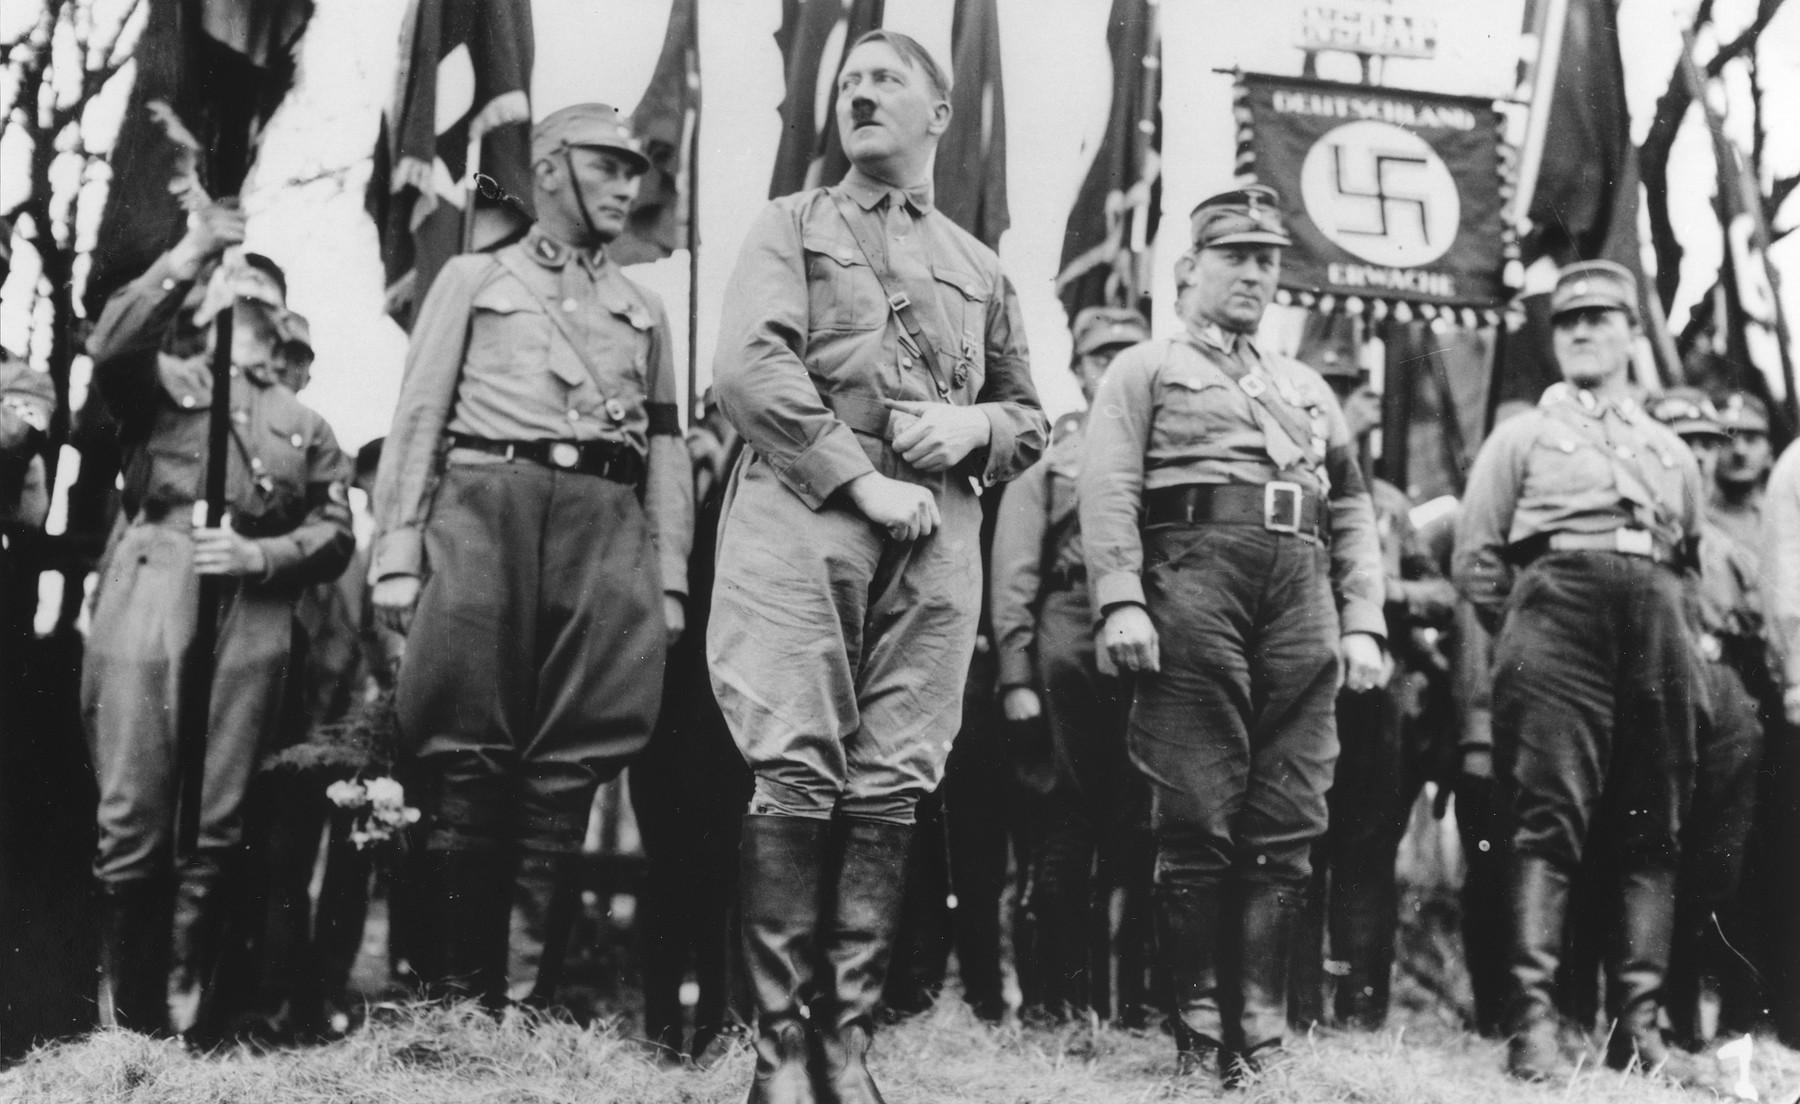 Hitler's Uniforms 1920 - 1945